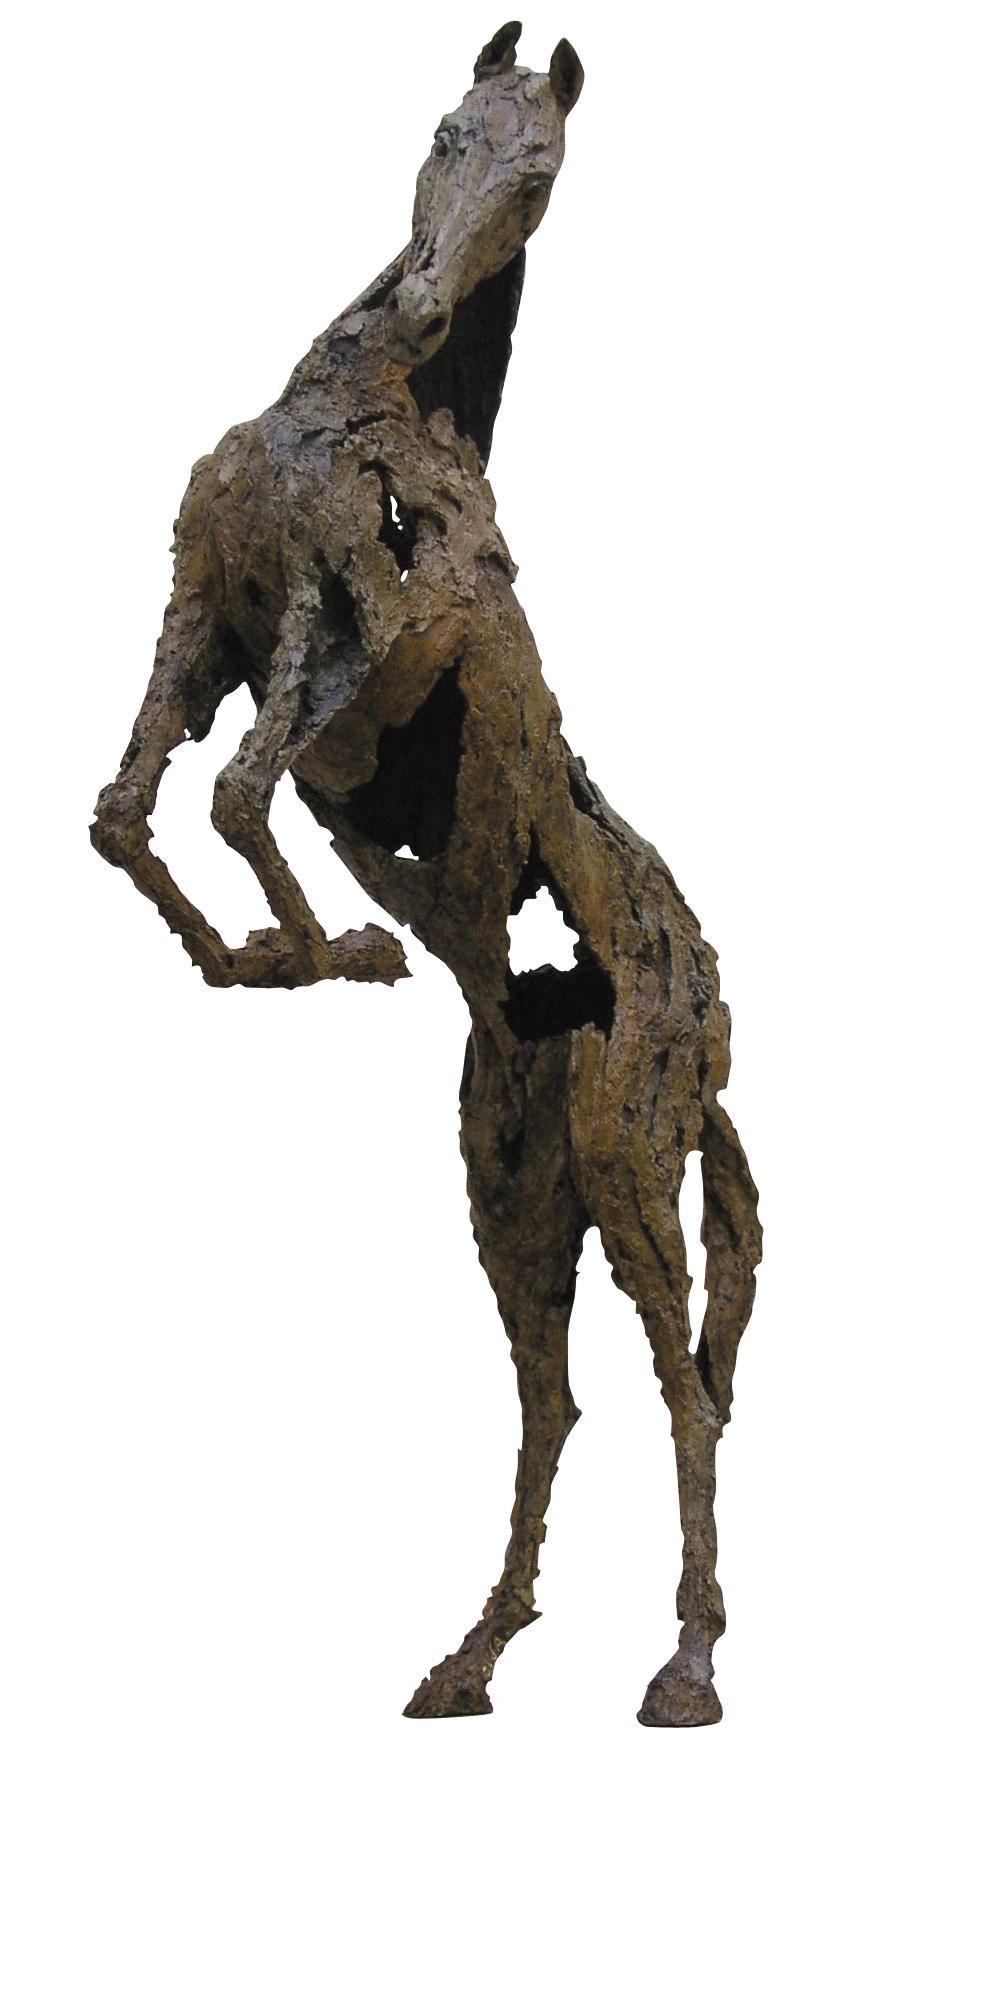 Van den Abeele - sculpture - Horse - © Casart